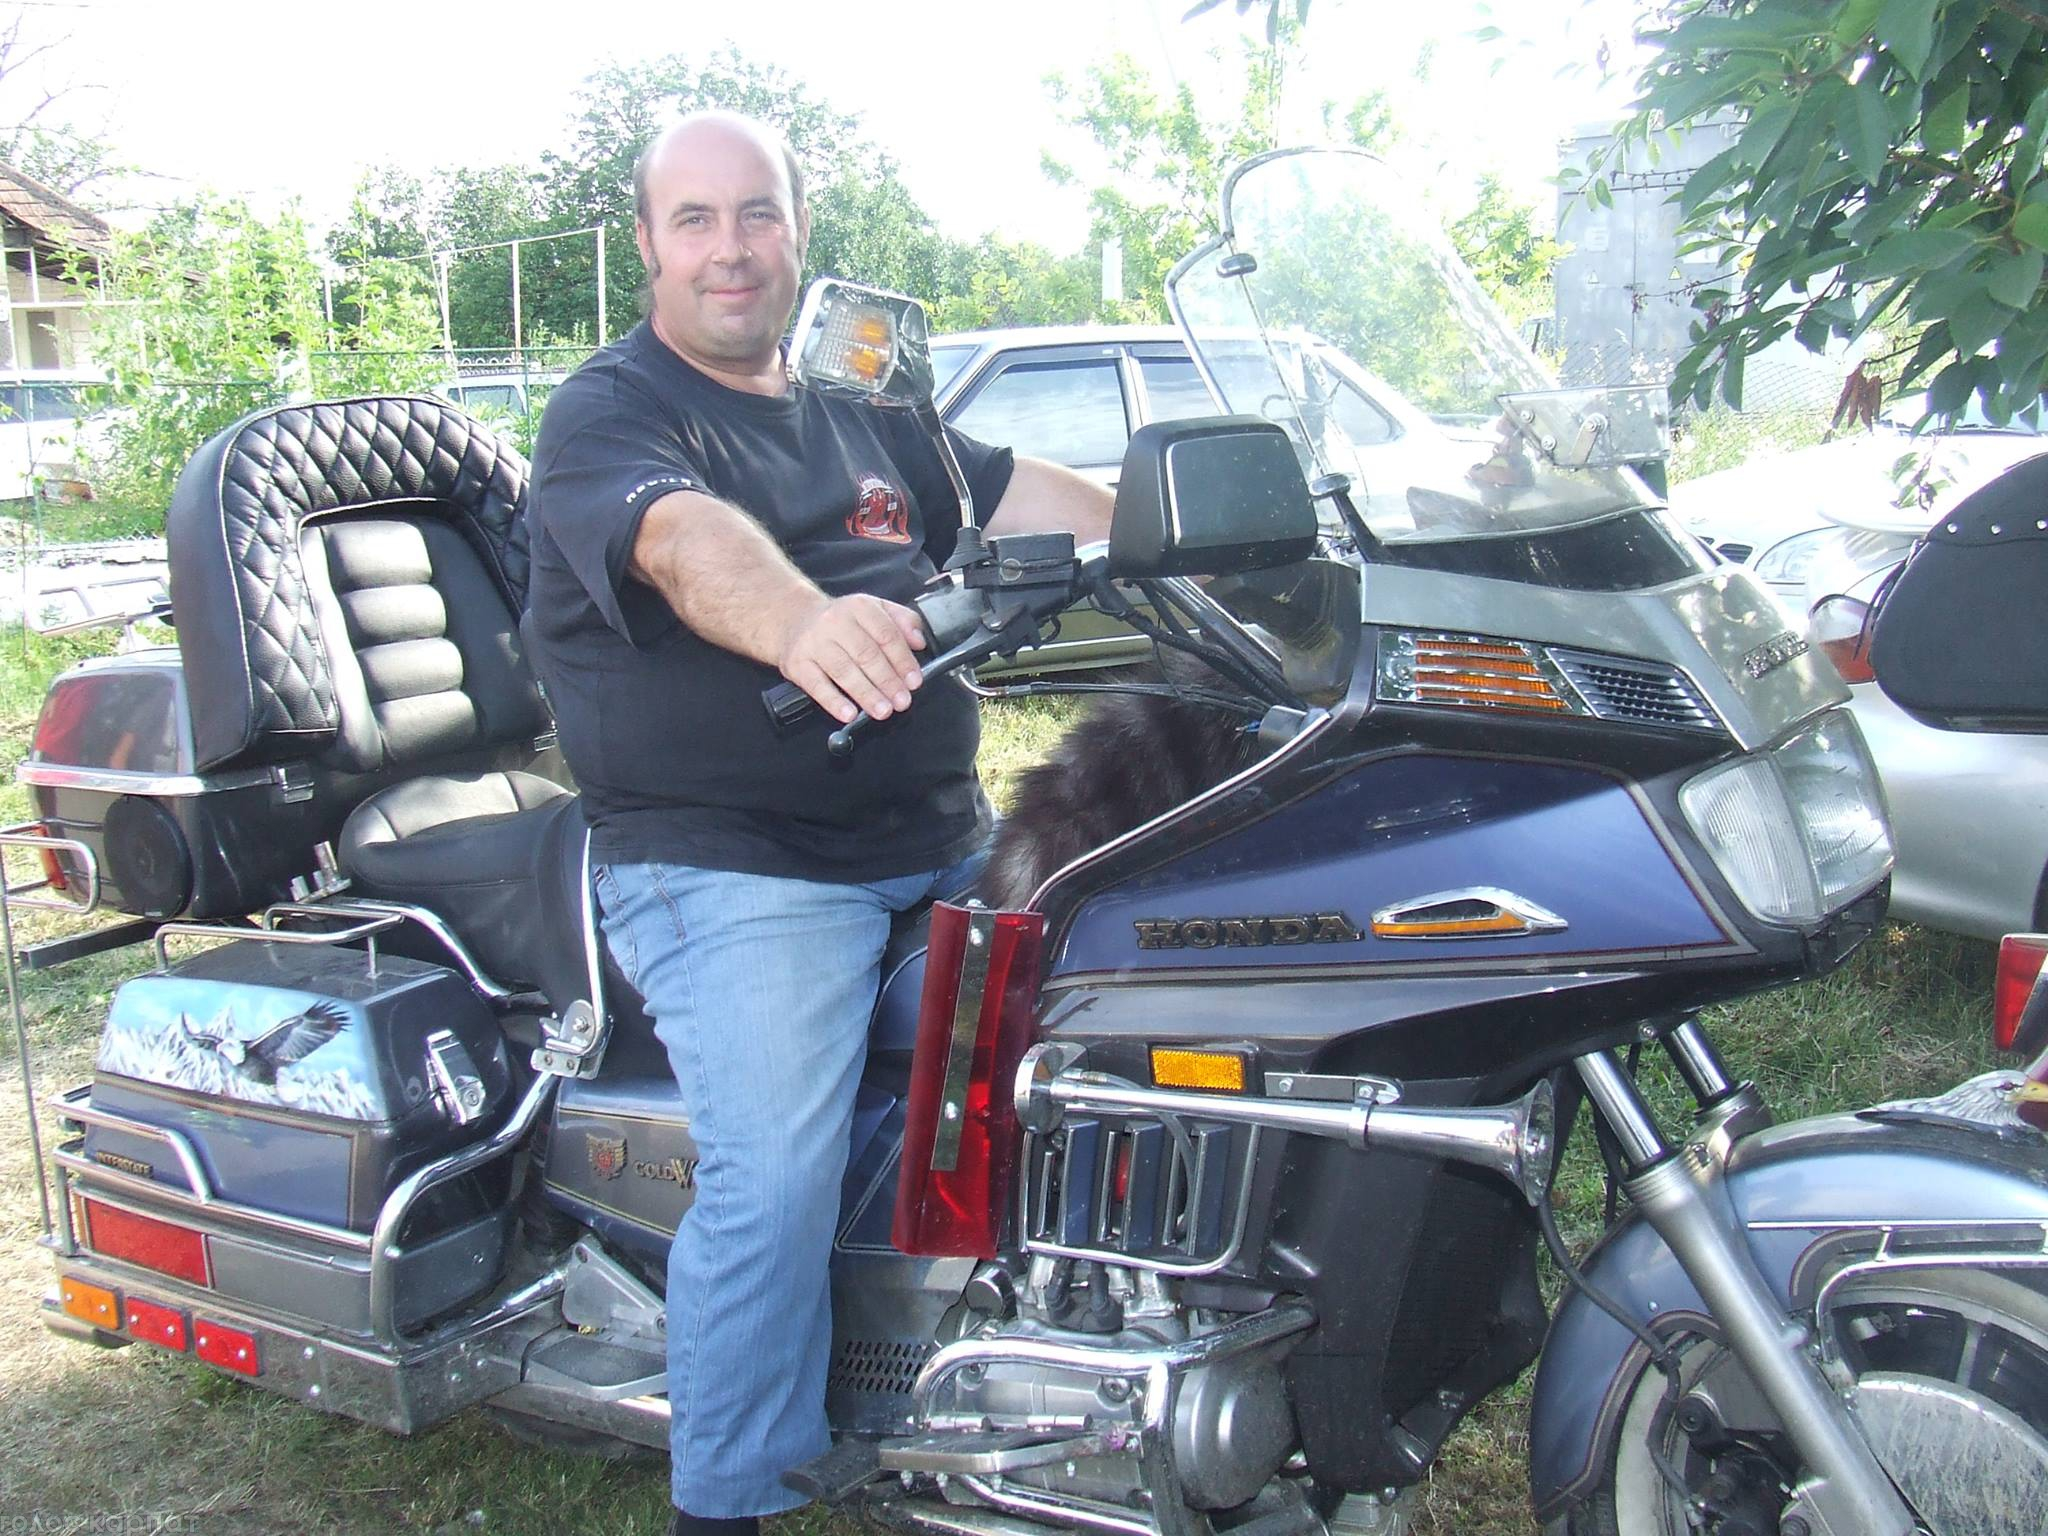 Греко-католицький священик ініціював клуб любителів-мотоциклістів і став членом Товариства байкерів-священиків Угорщини